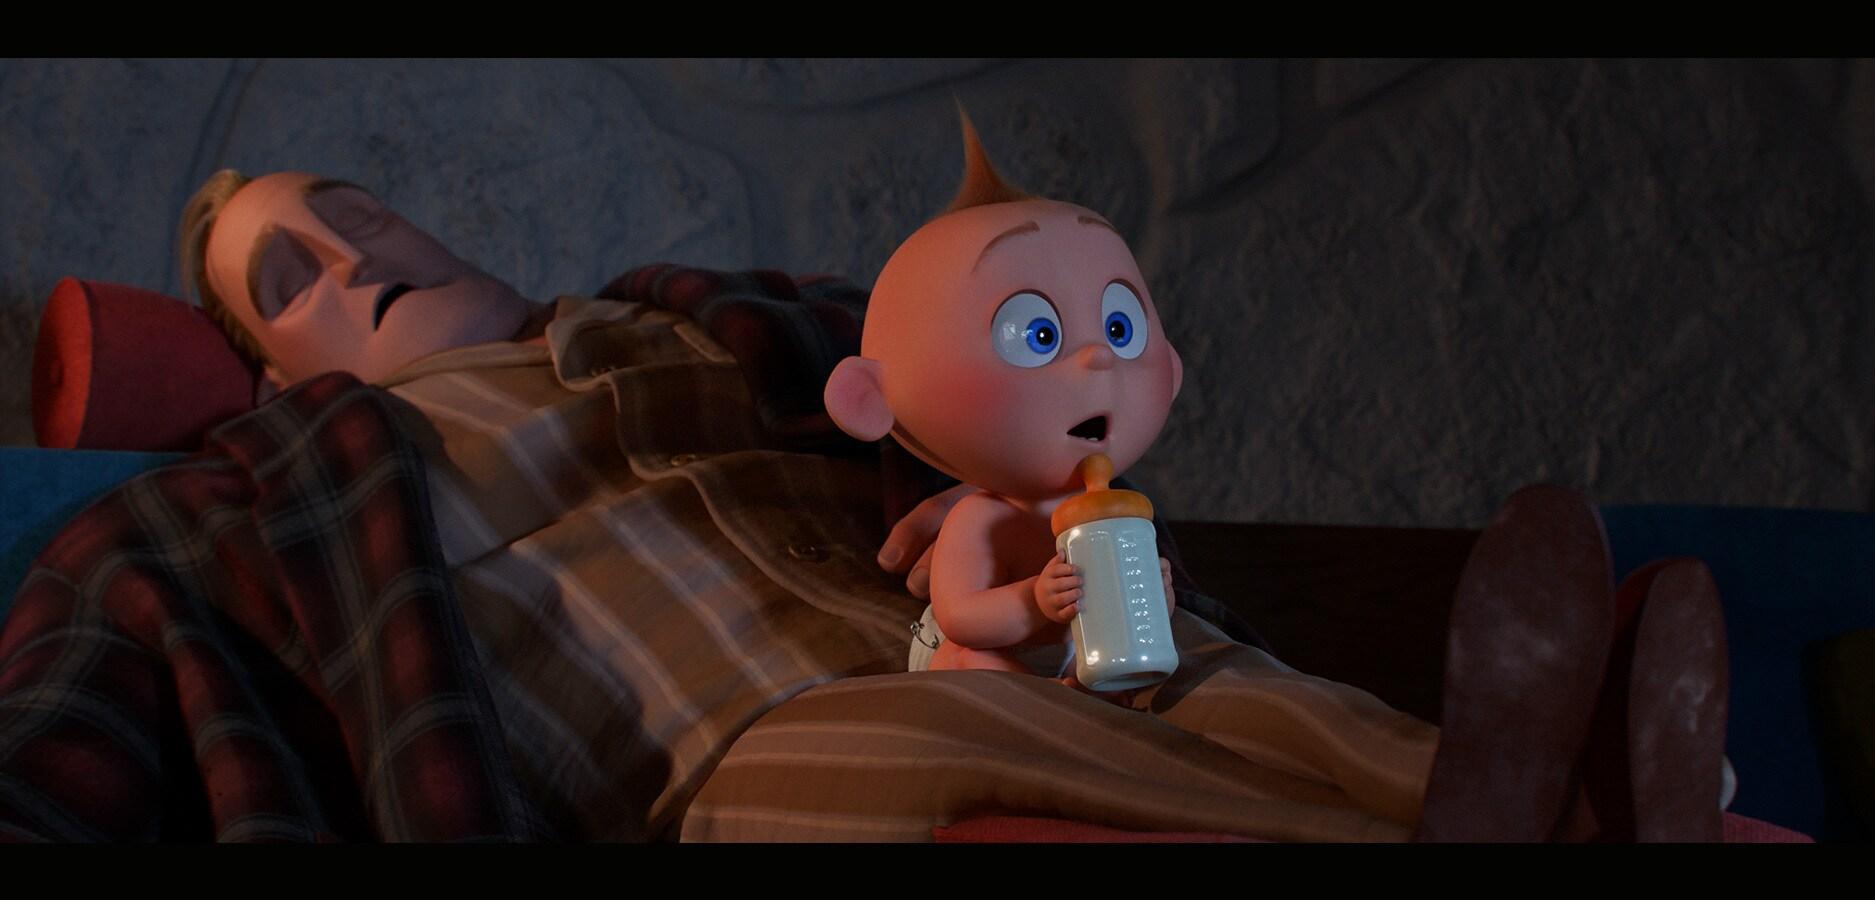 Baby Jack-Jack won't go to sleep